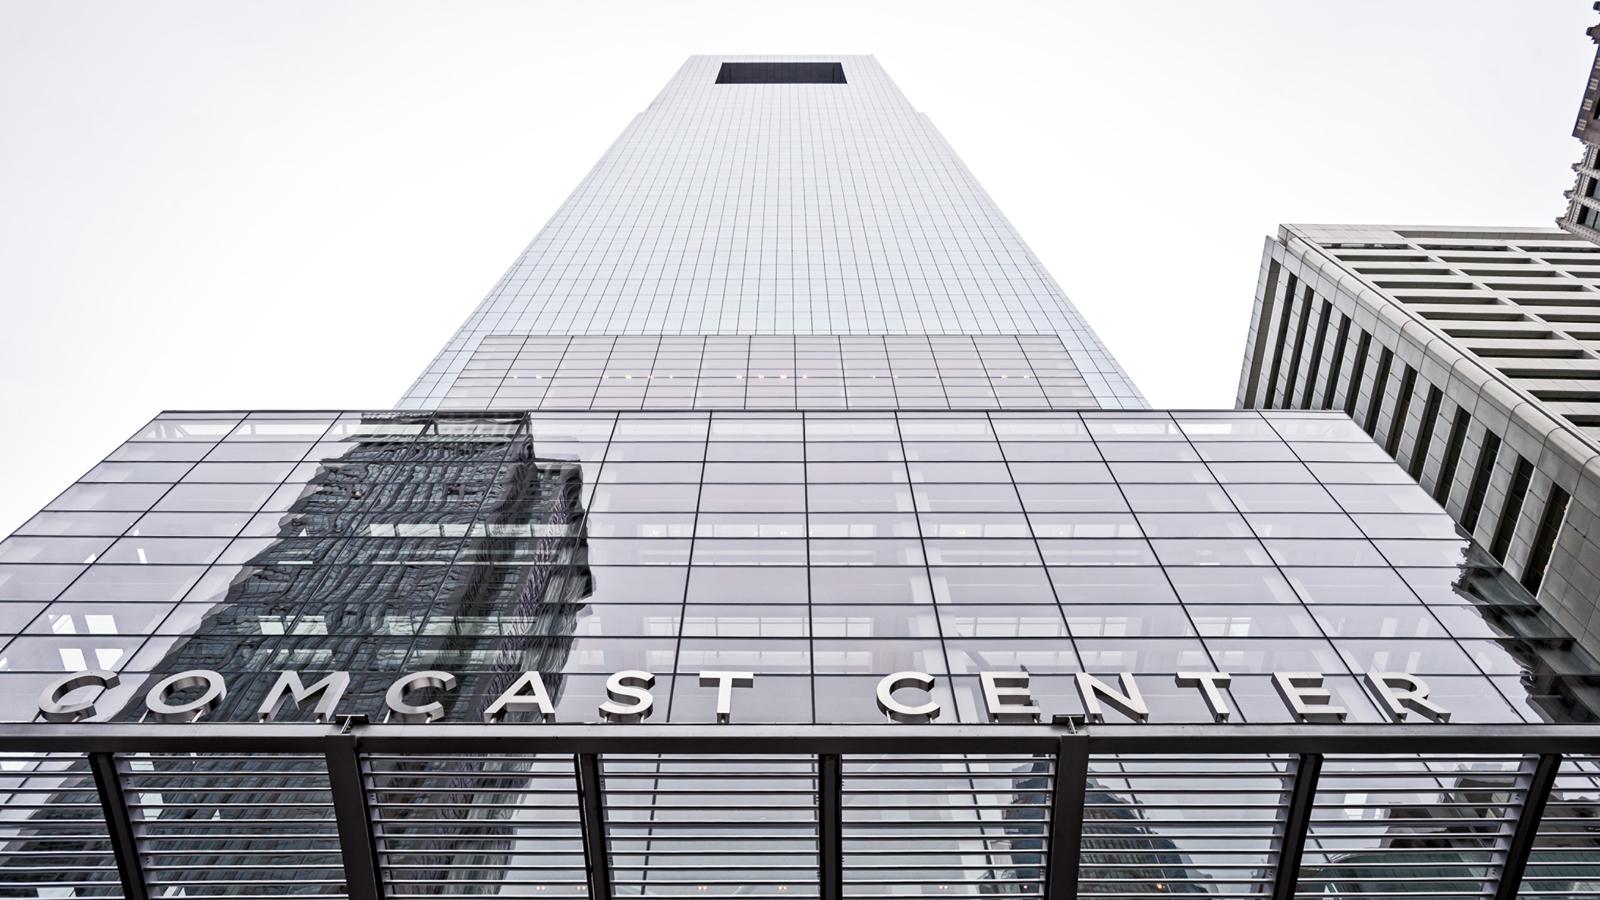 O prédio do Four Seasons Comcast Center, na Filadélfia, onde impera a tecnologia